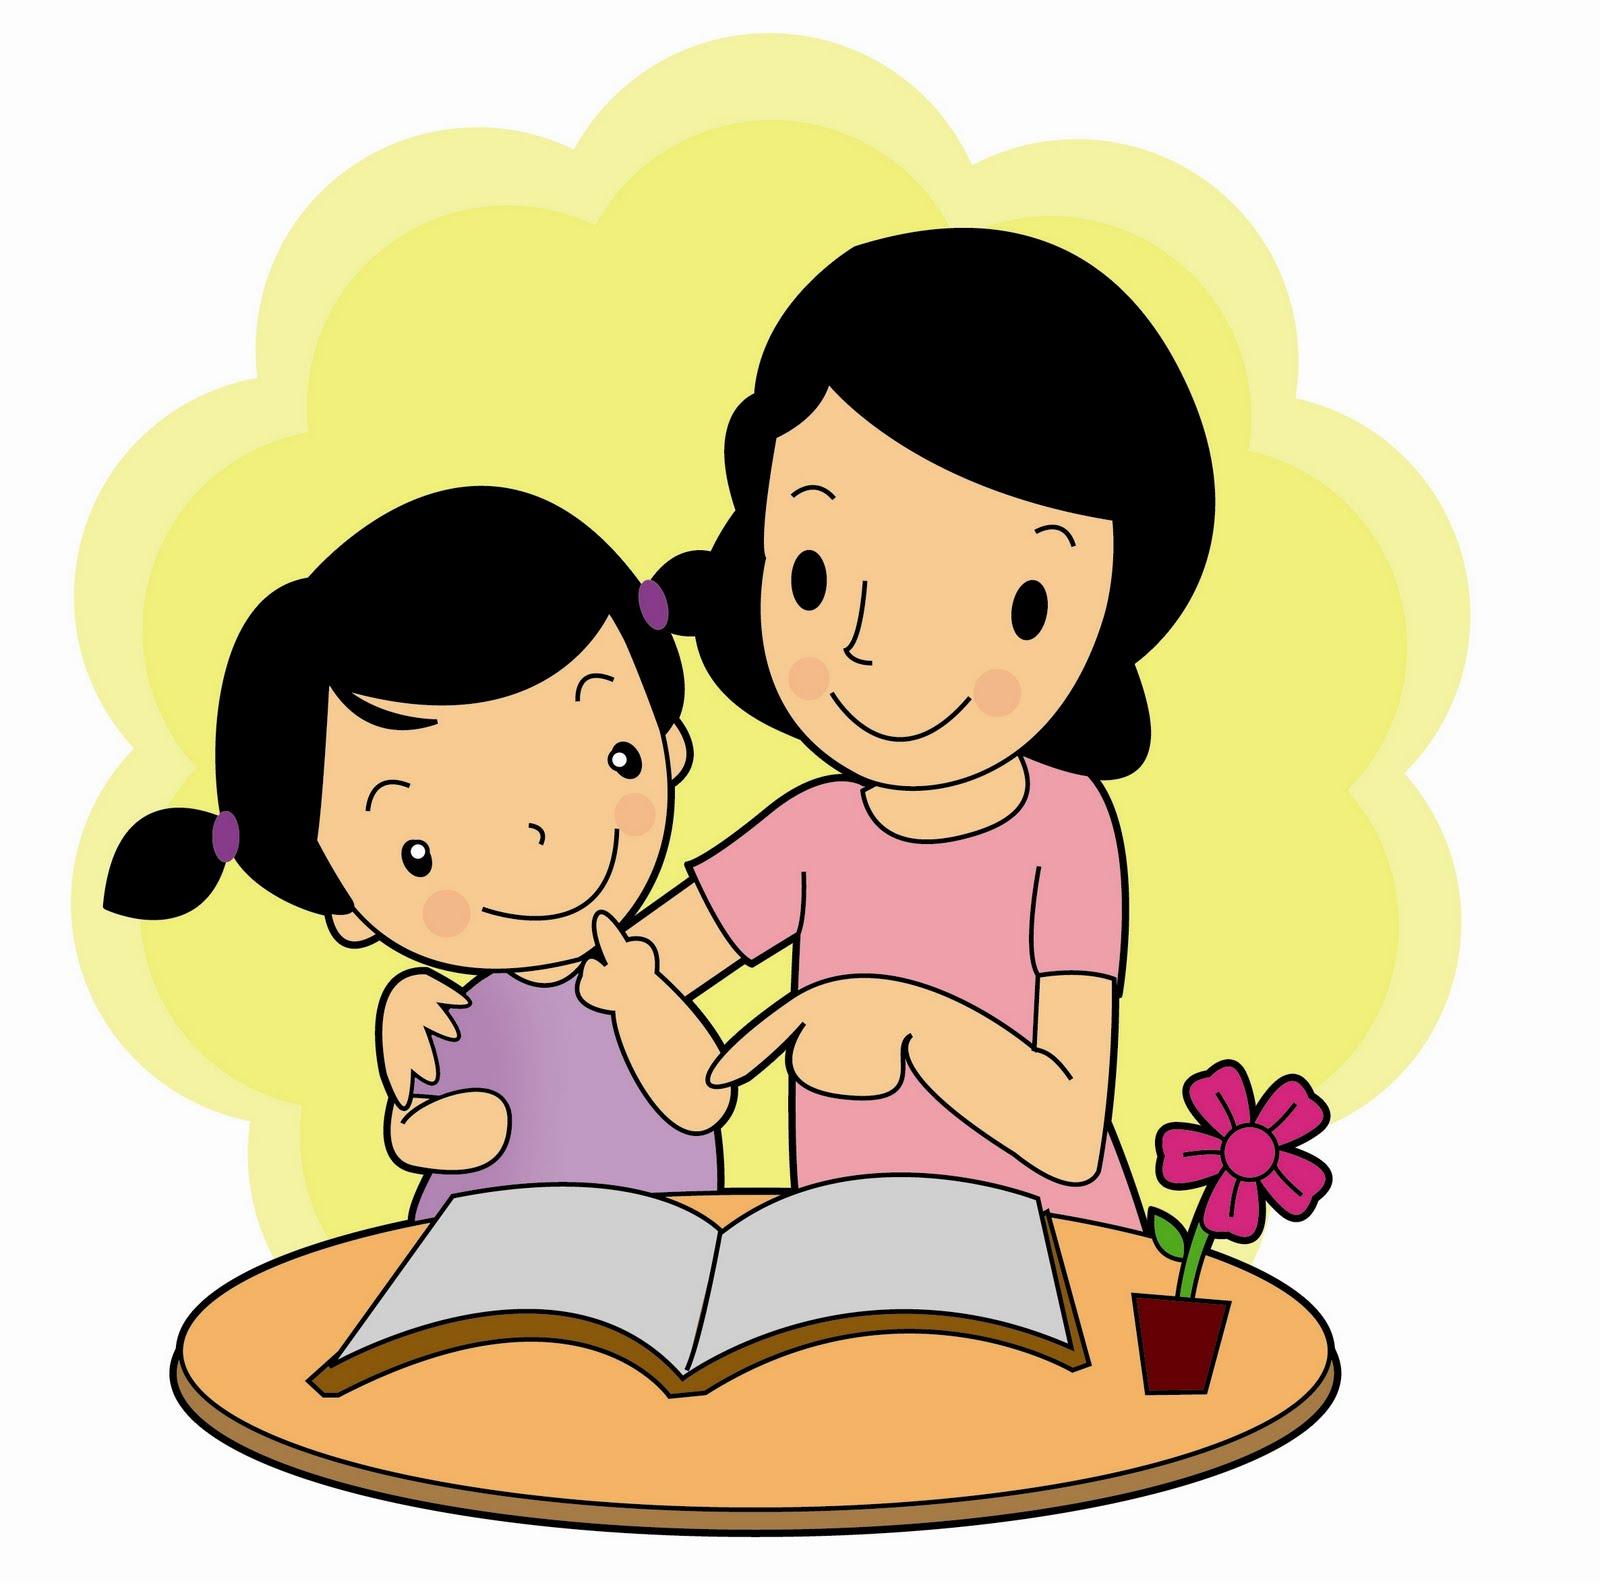 Foto Foto Kartun Lucu - Gambar Ibu Dan Anak - HD Wallpaper